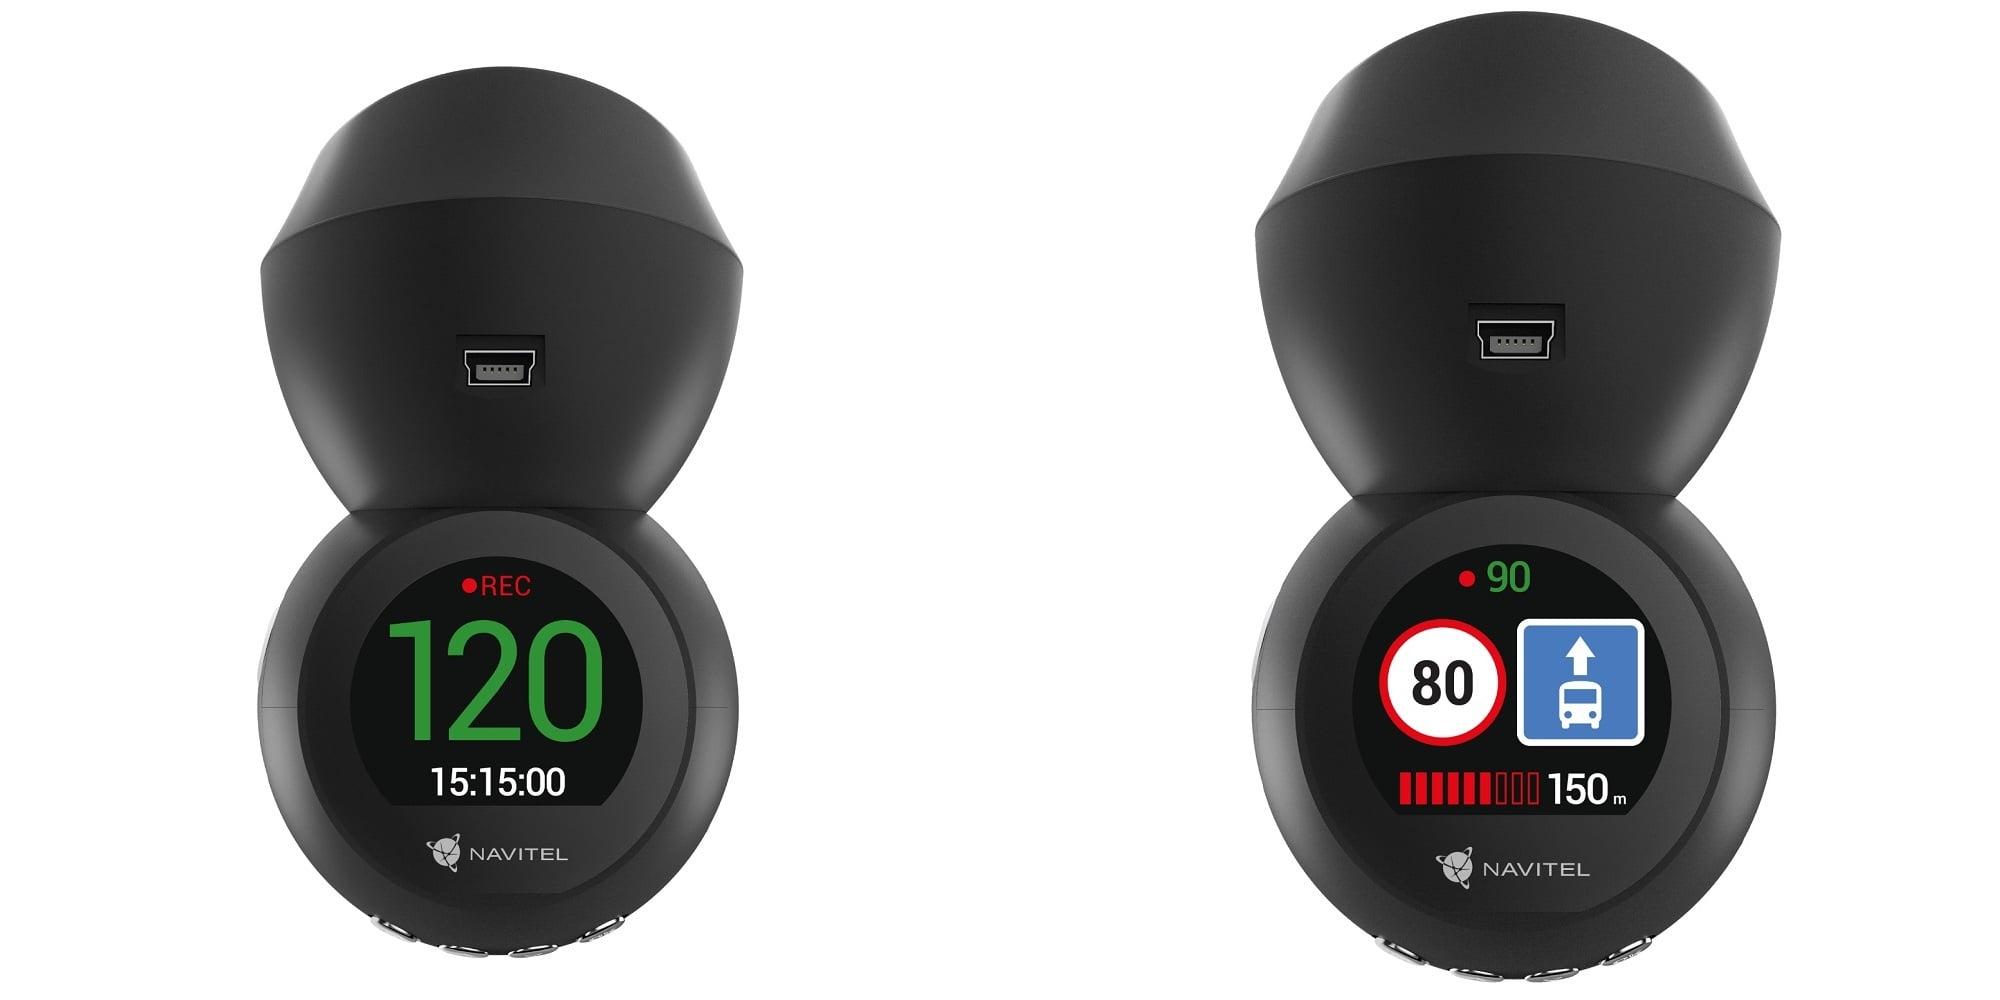 NAVITEL R1050 - kamera samochodowa z bazą fotoradarów i prędkościomierzem 19